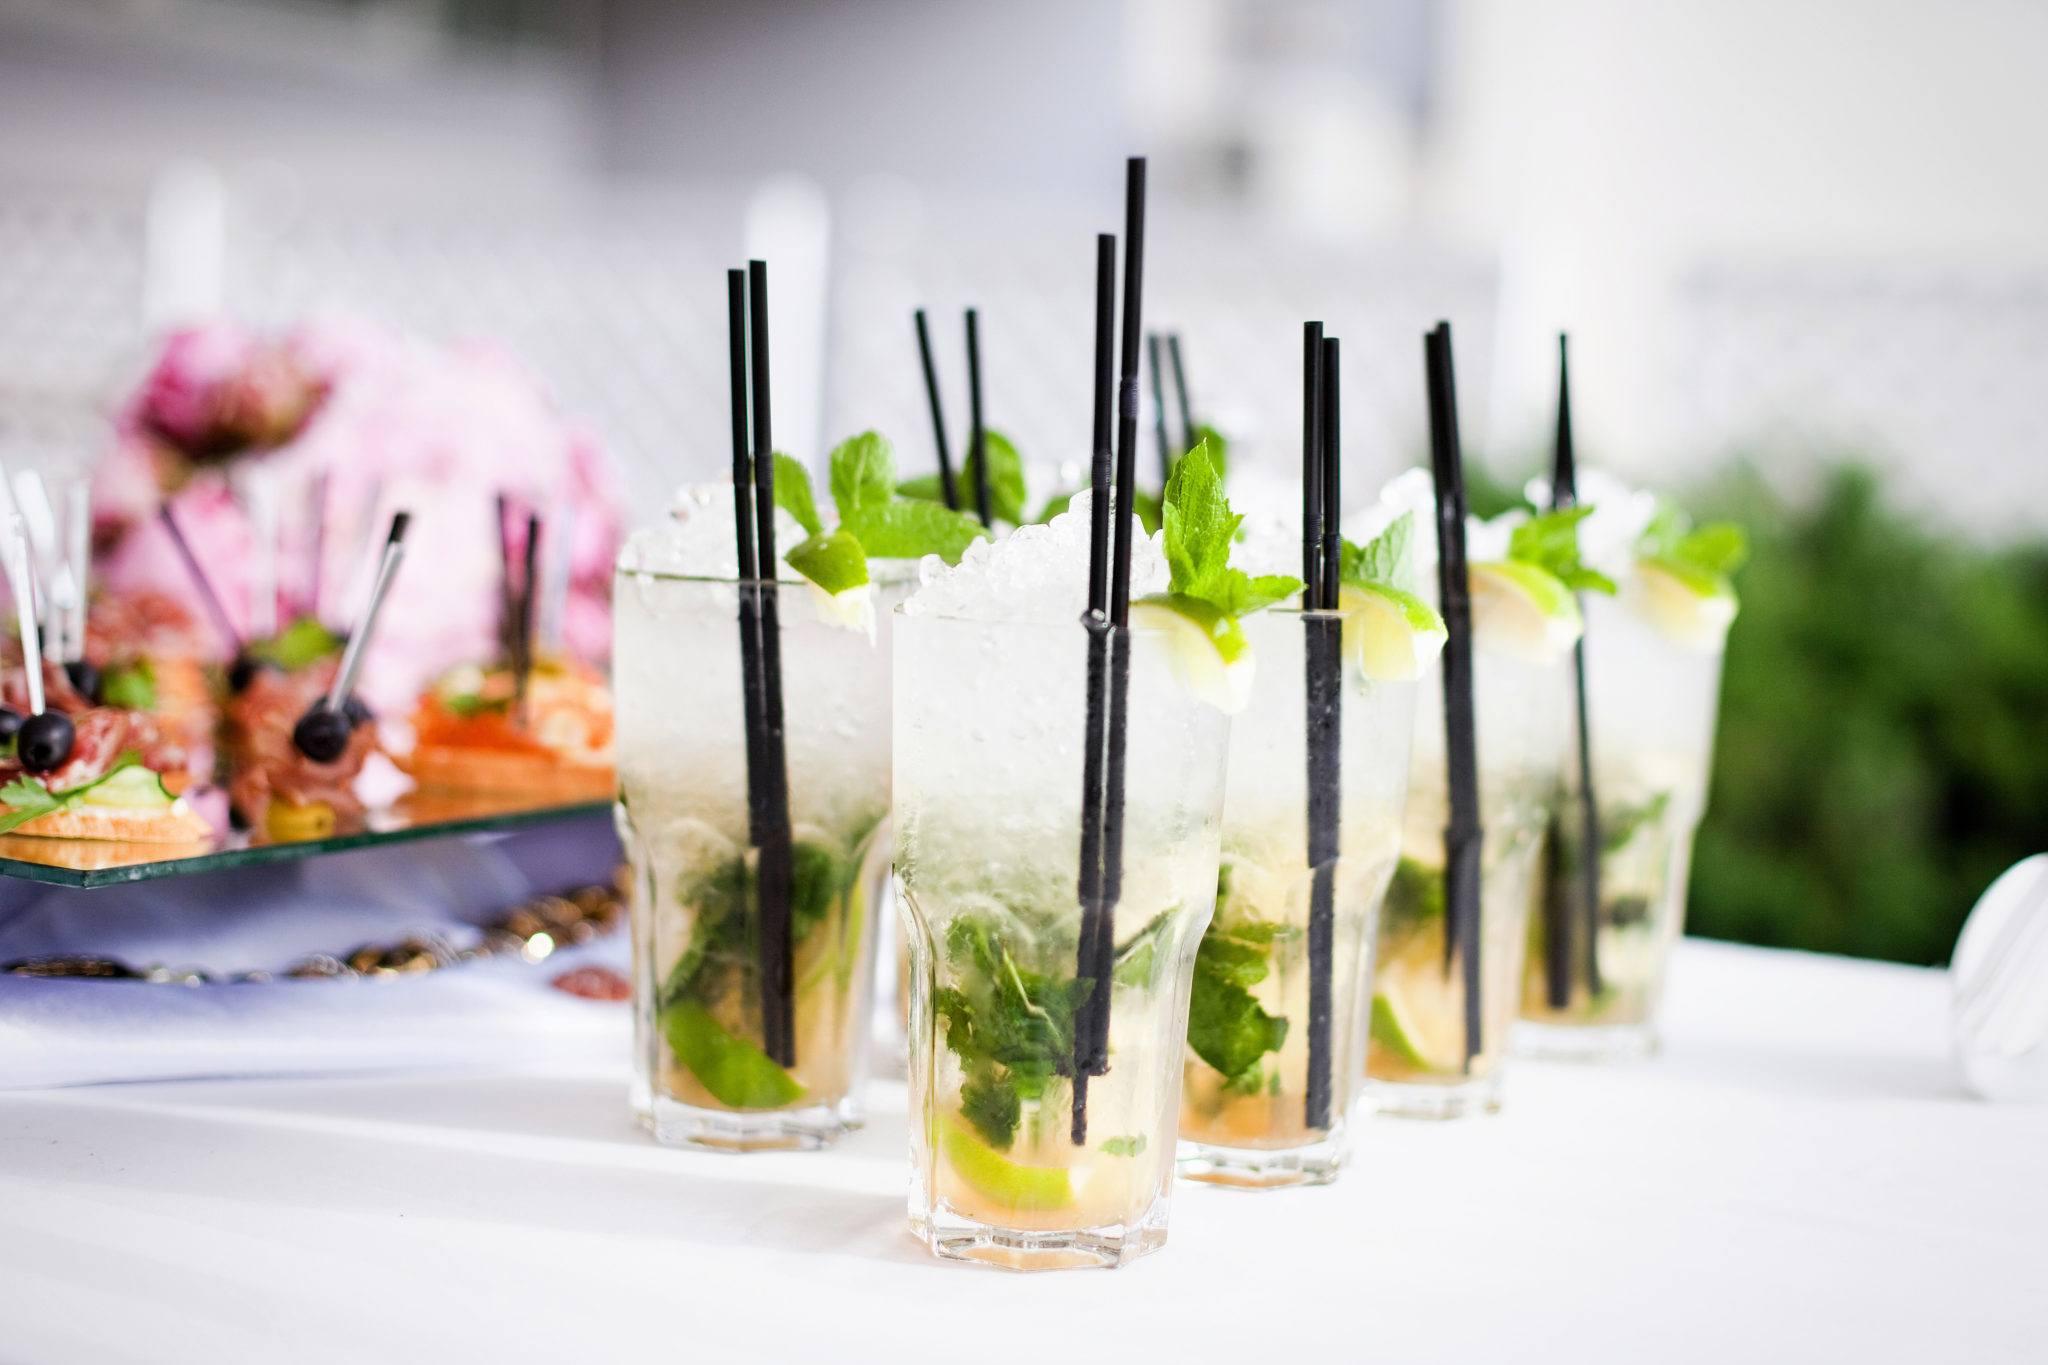 Meine Hochzeit. Mein Tag. Sektempfang mit Cocktails auf dem Tisch